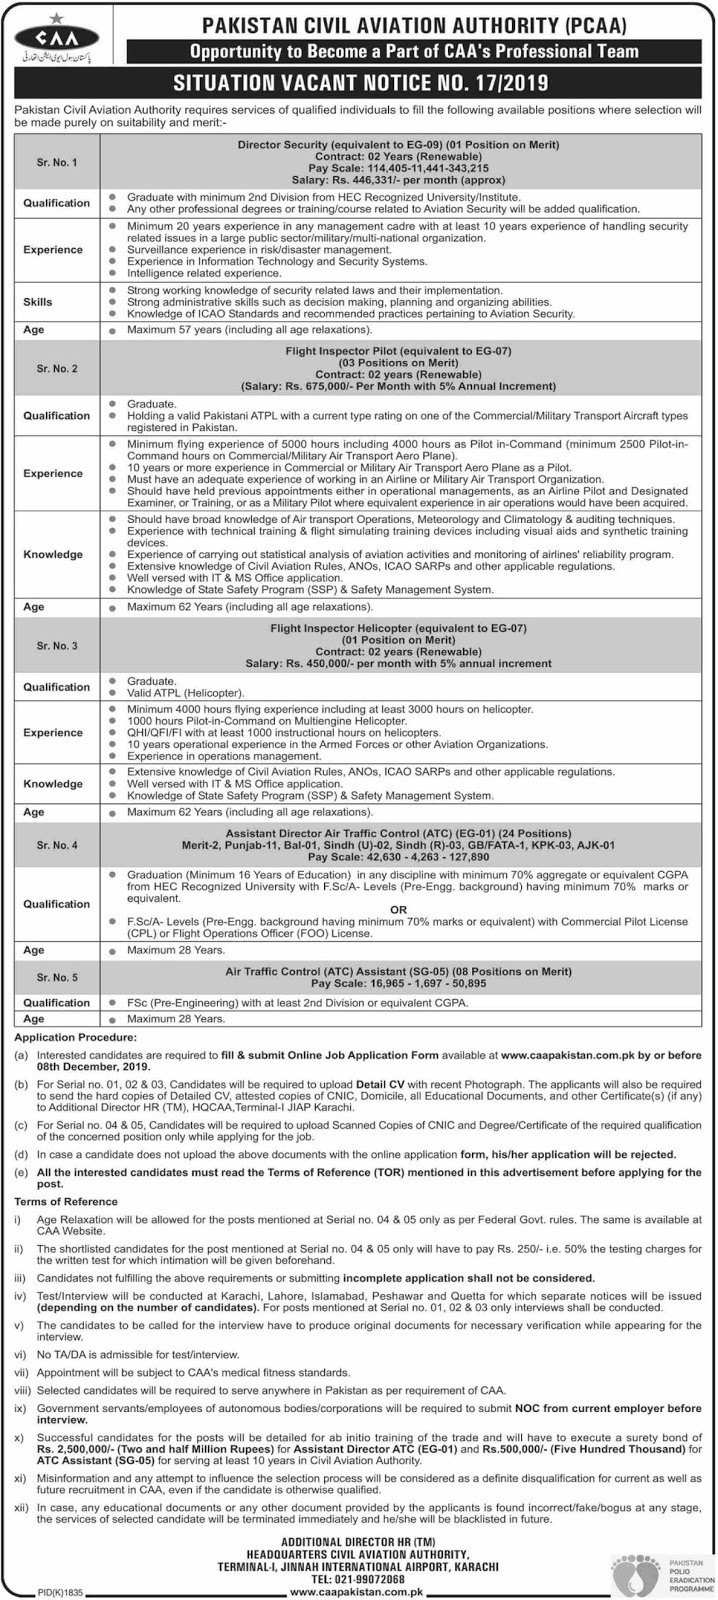 CAA Jobs 2019 Civil Aviation Authority Pakistan Latest